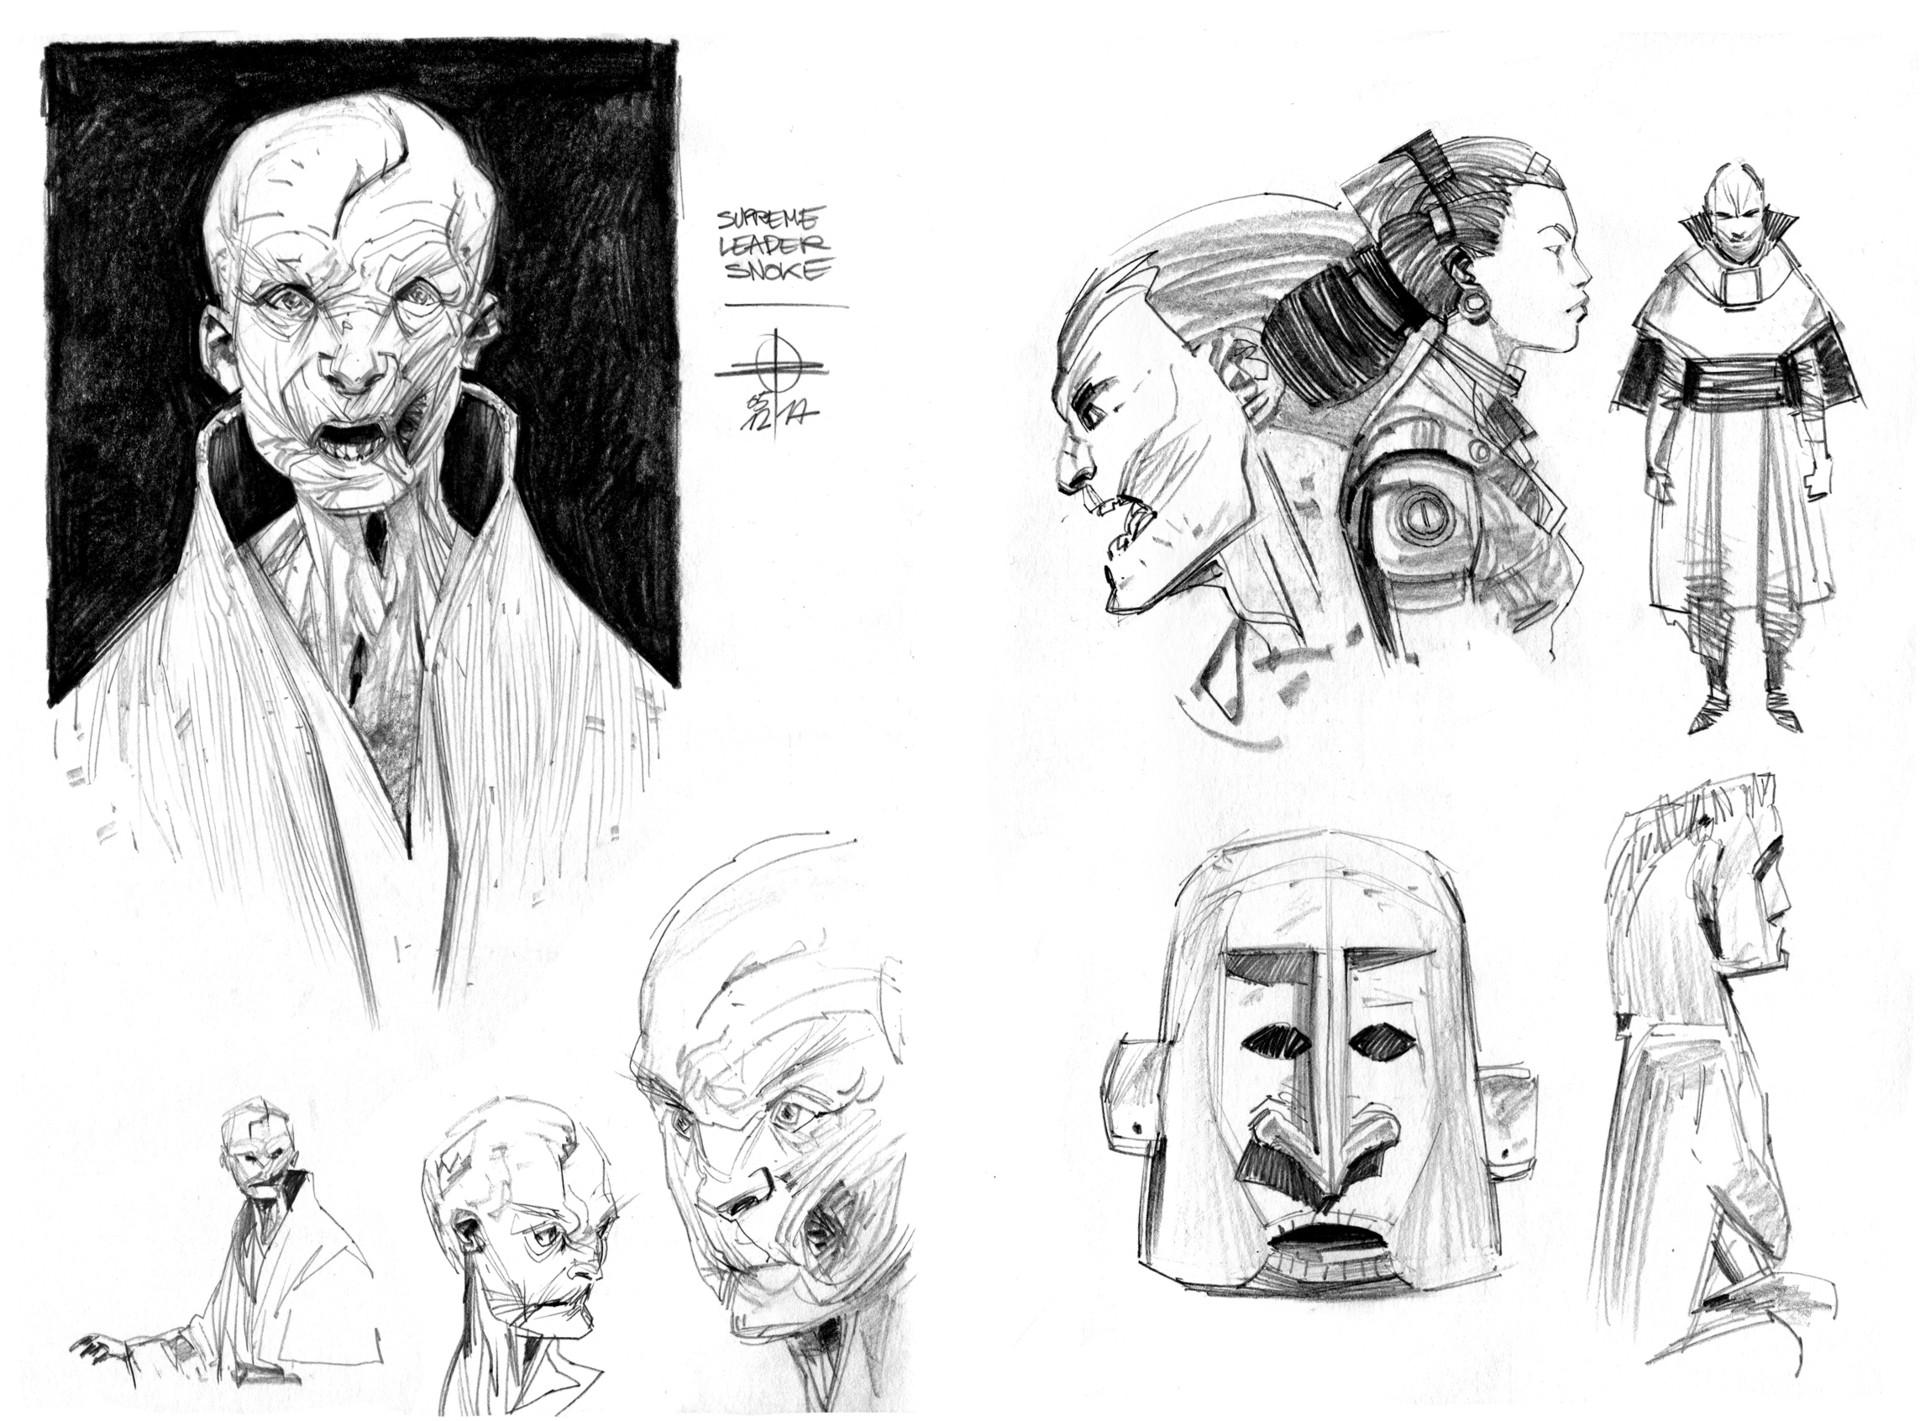 Renaud roche sketchbook18